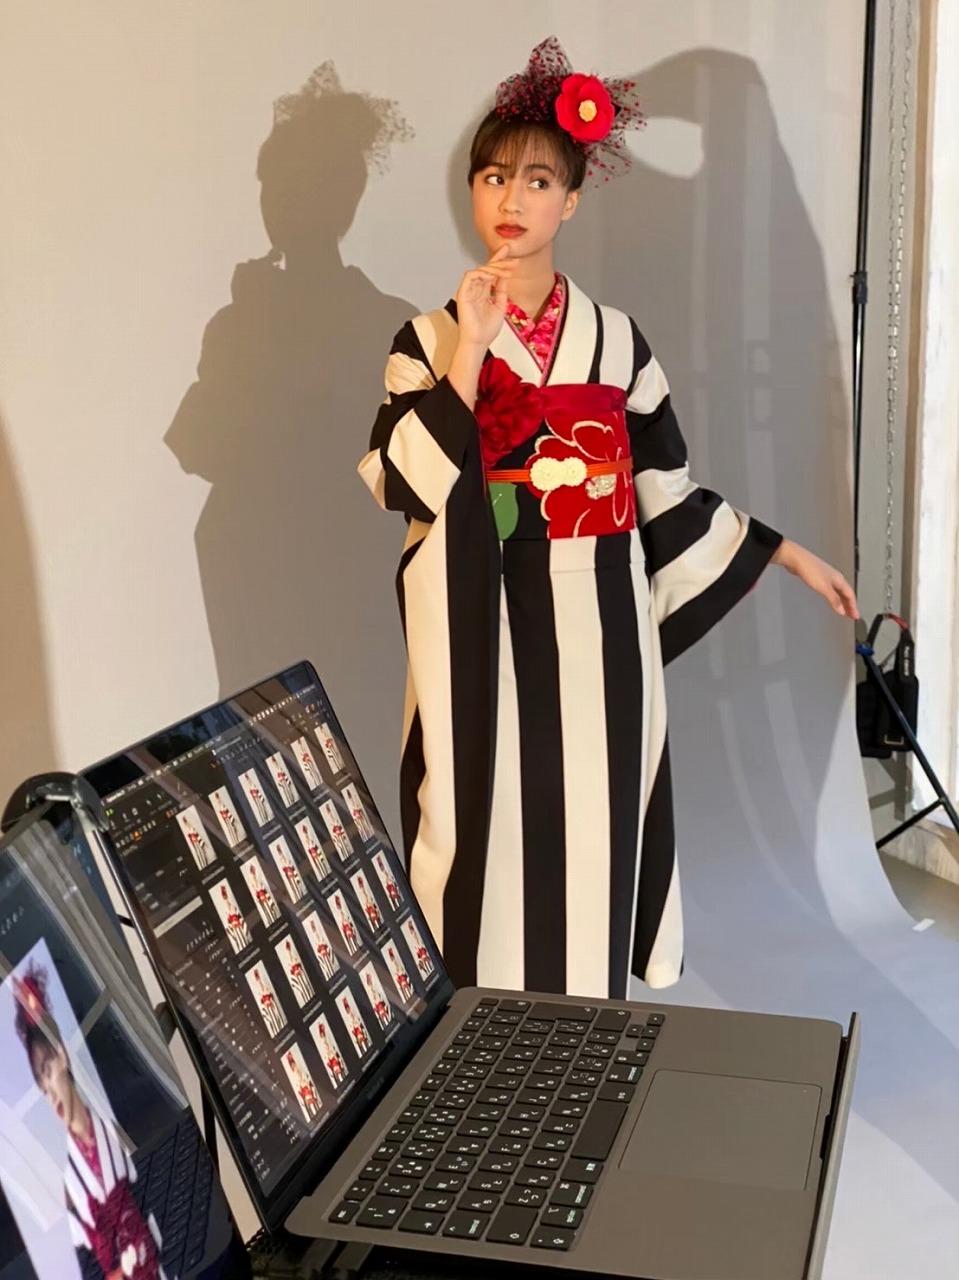 シンプルモノトーン振袖のご紹介💖大人気モデル玖瑠実ちゃんの撮影movieも大公開✨